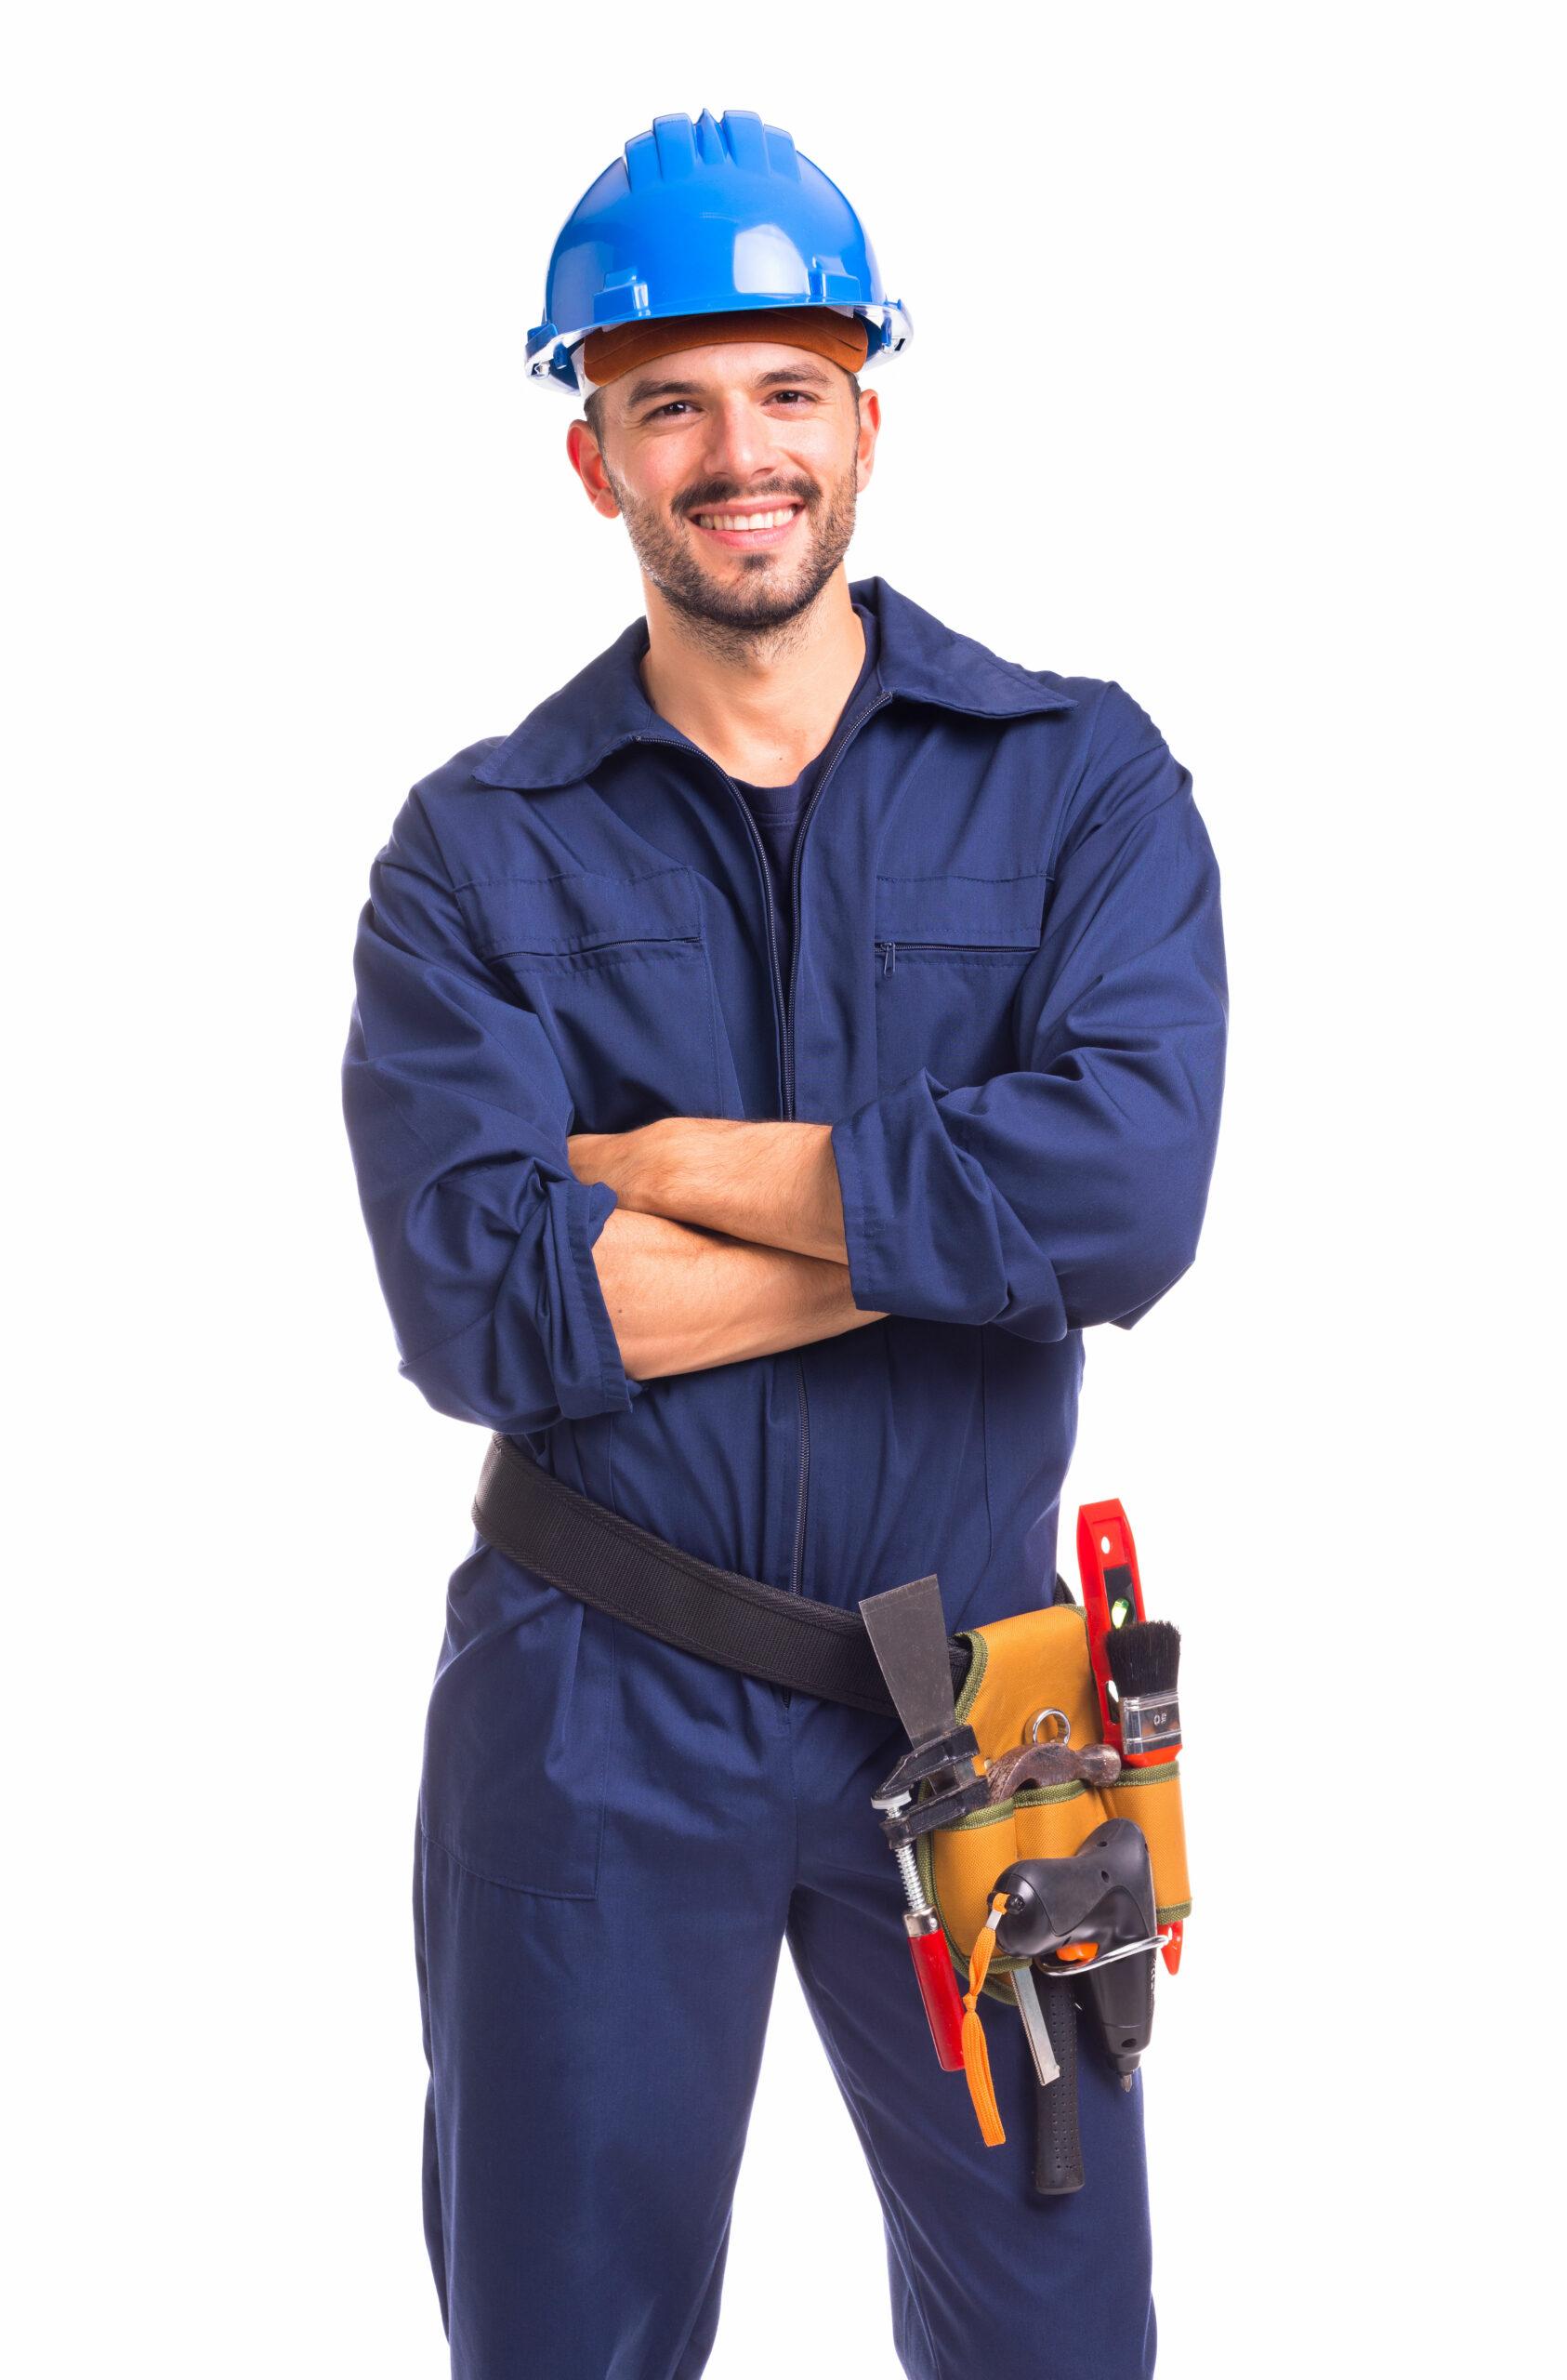 Repair man with hard hat